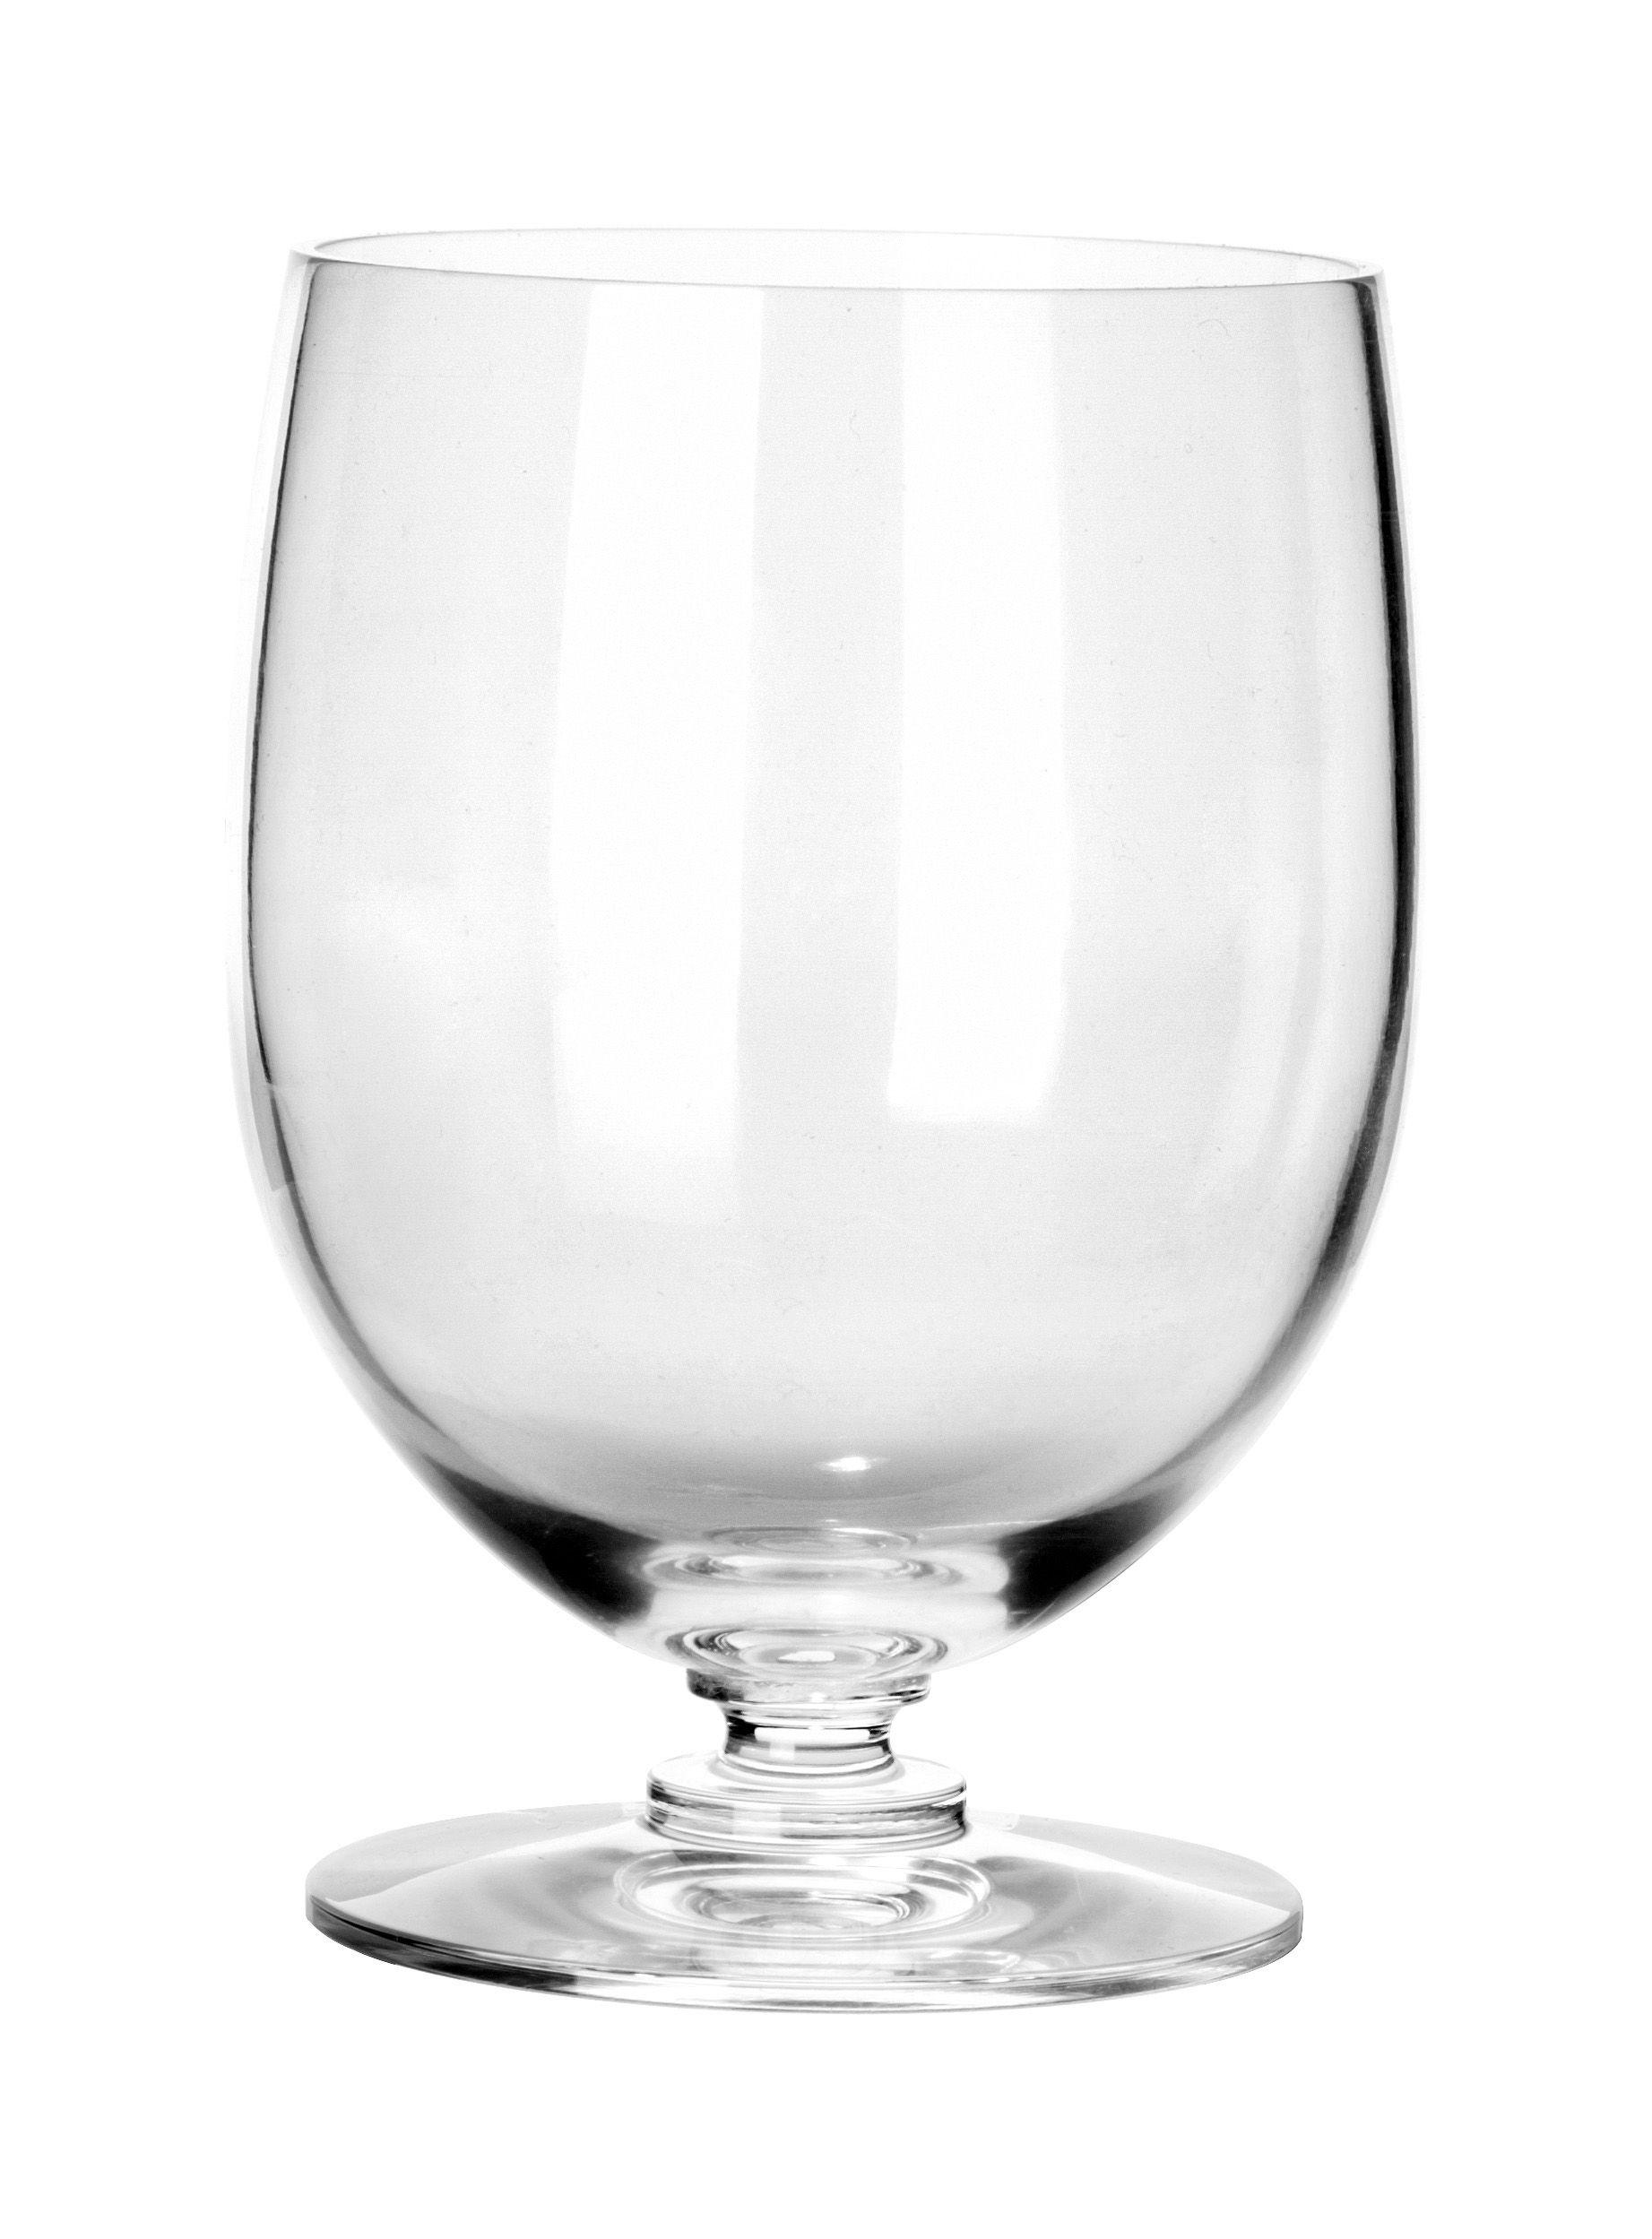 Tavola - Bicchieri  - Bicchiere da acqua Dressed di Alessi - Acqua 30 cl - Trasparente - Trasparente